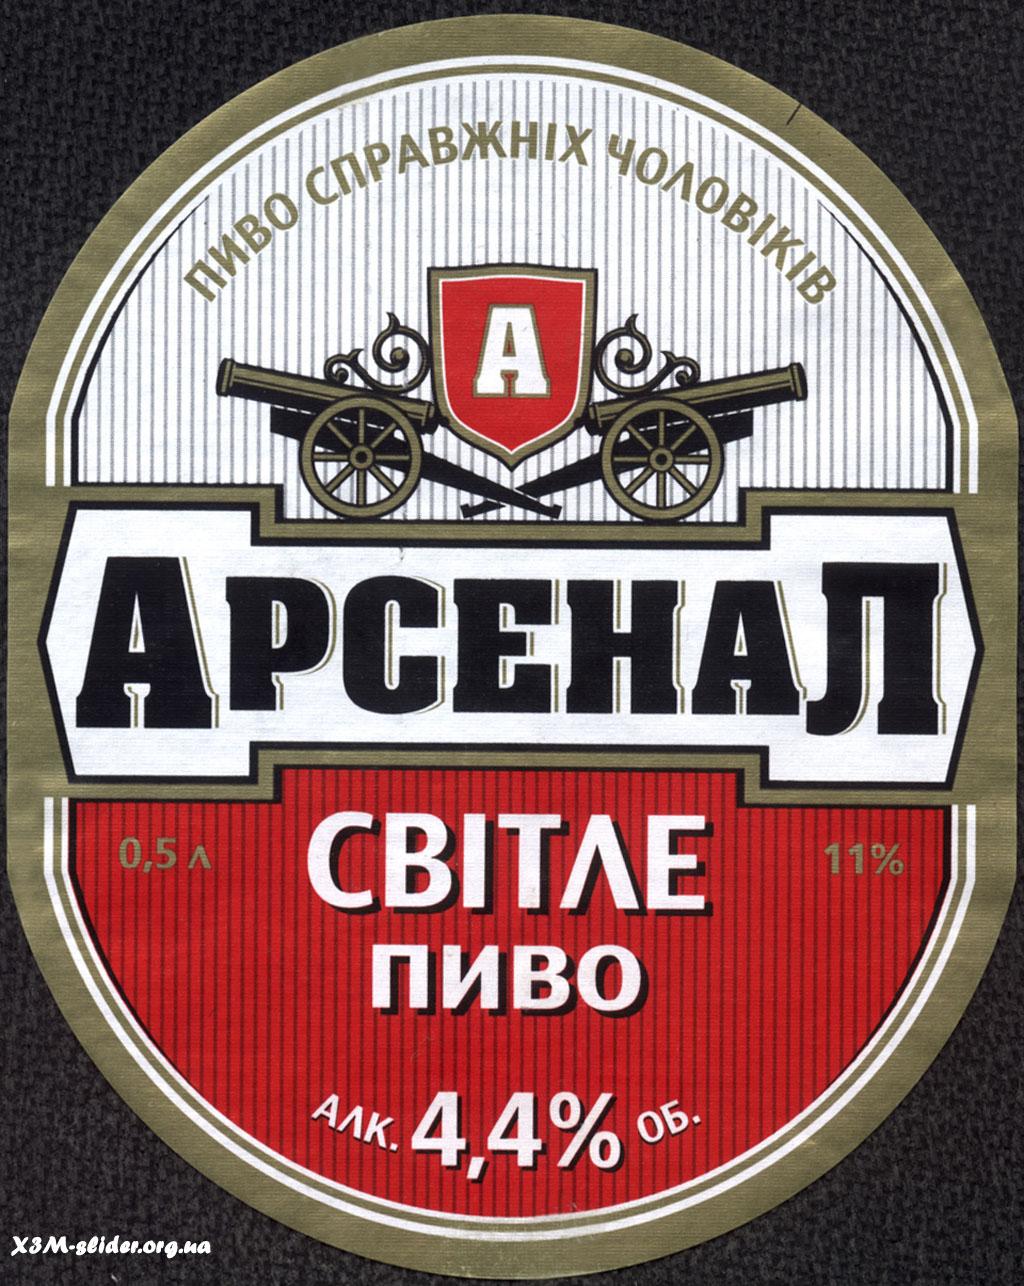 Арсенал - Світле пиво